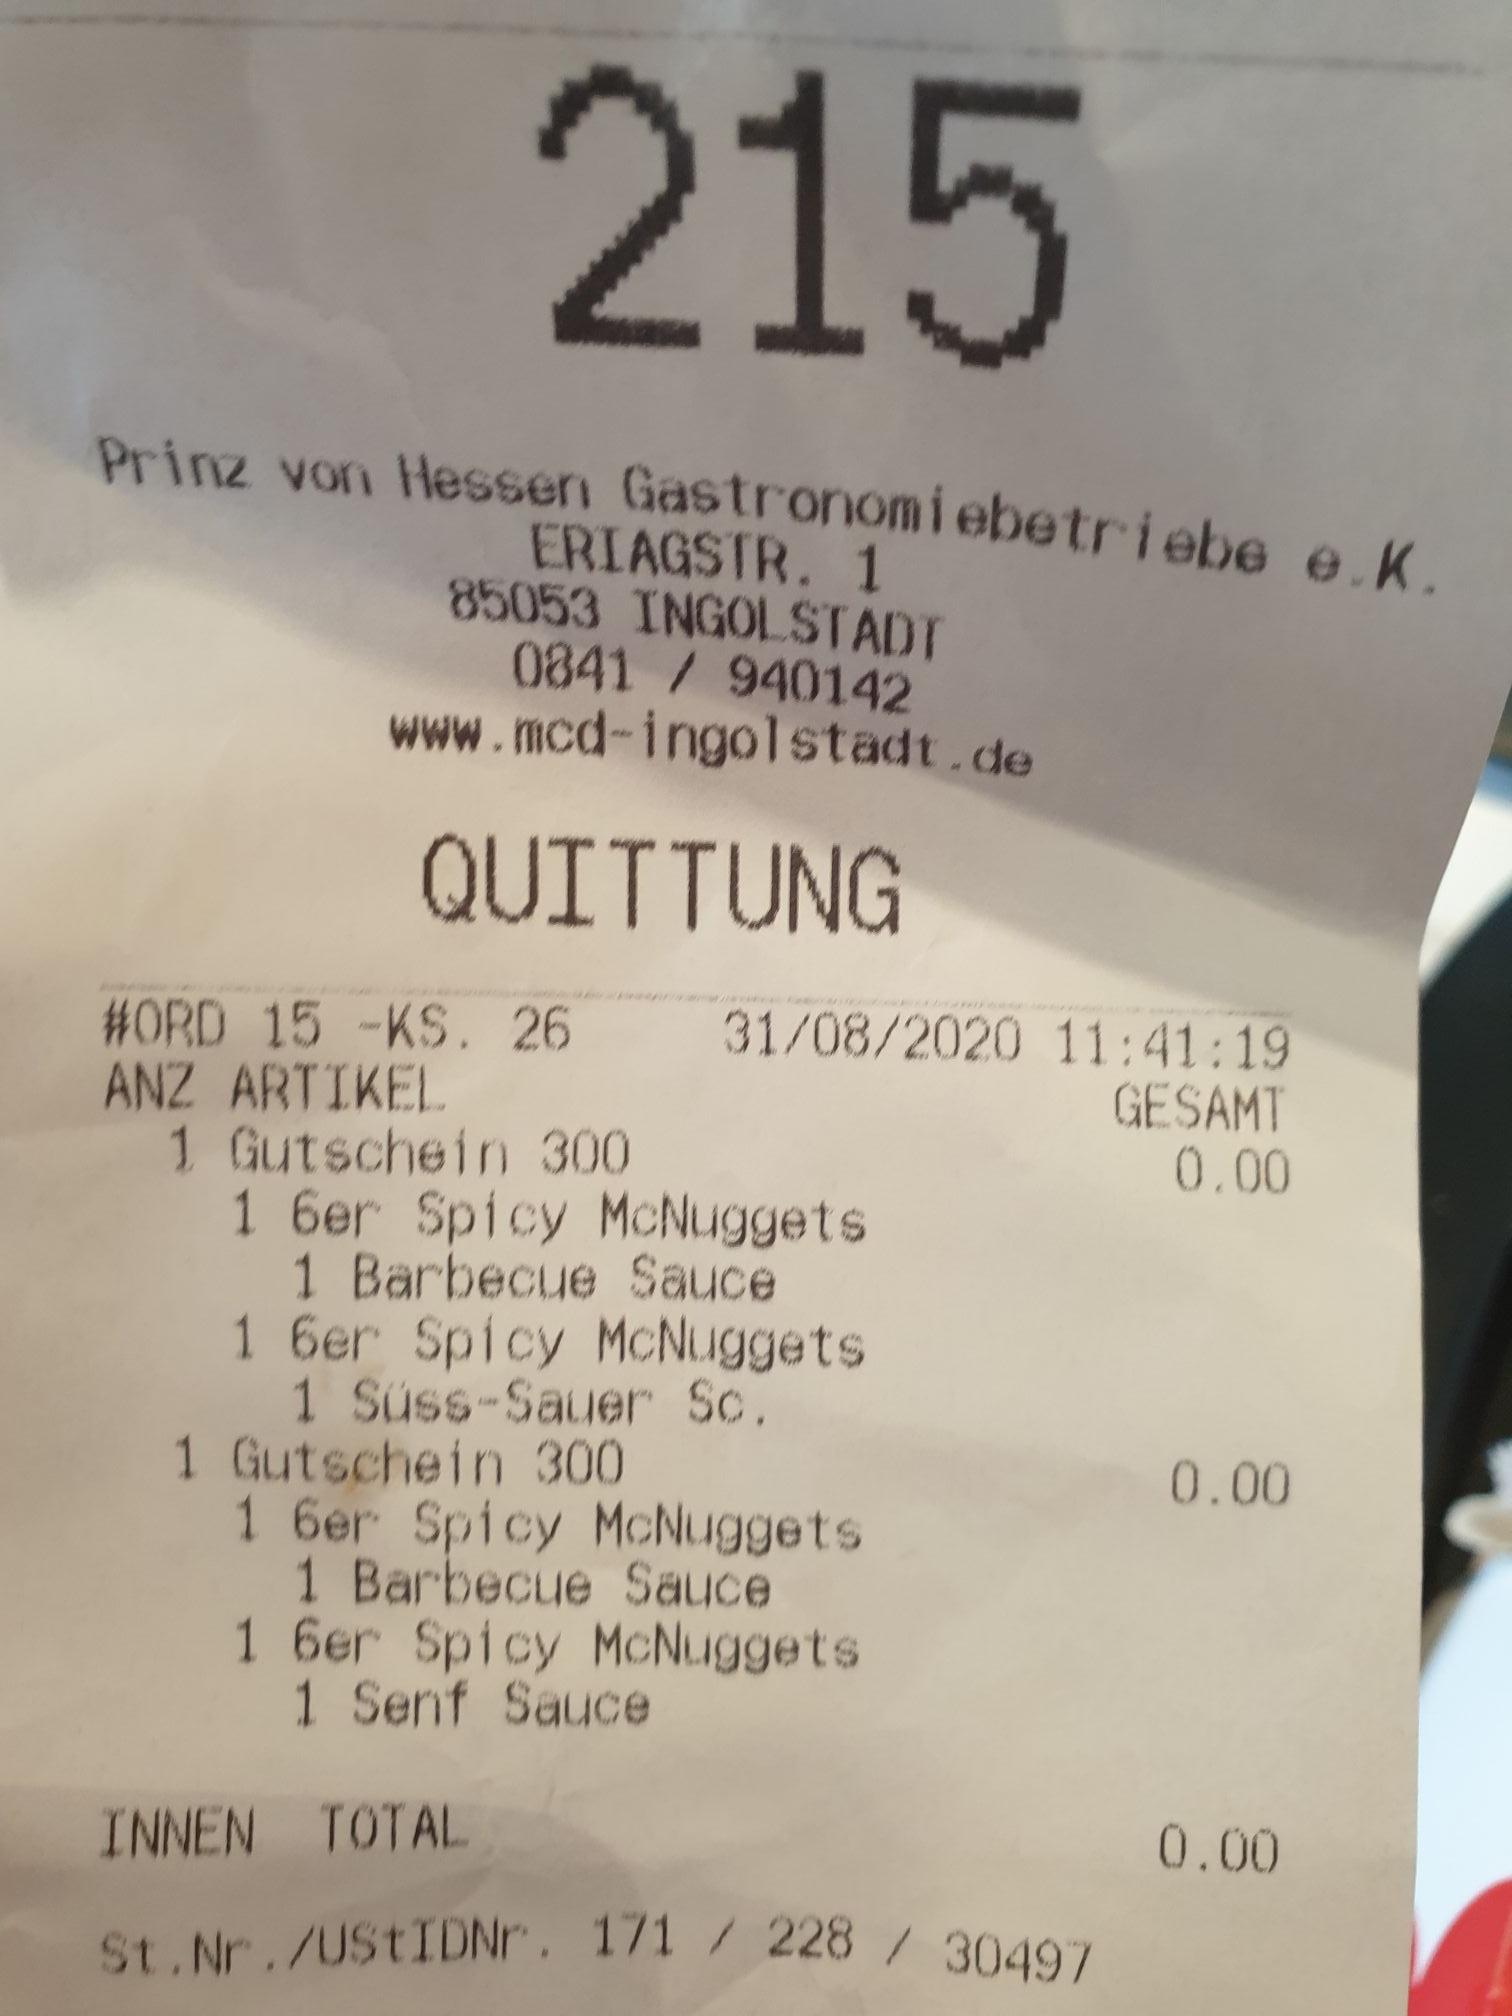 Preisfehler 12 Spicy Nuggets kostenlos (vermutlich bundesweit am Terminal)